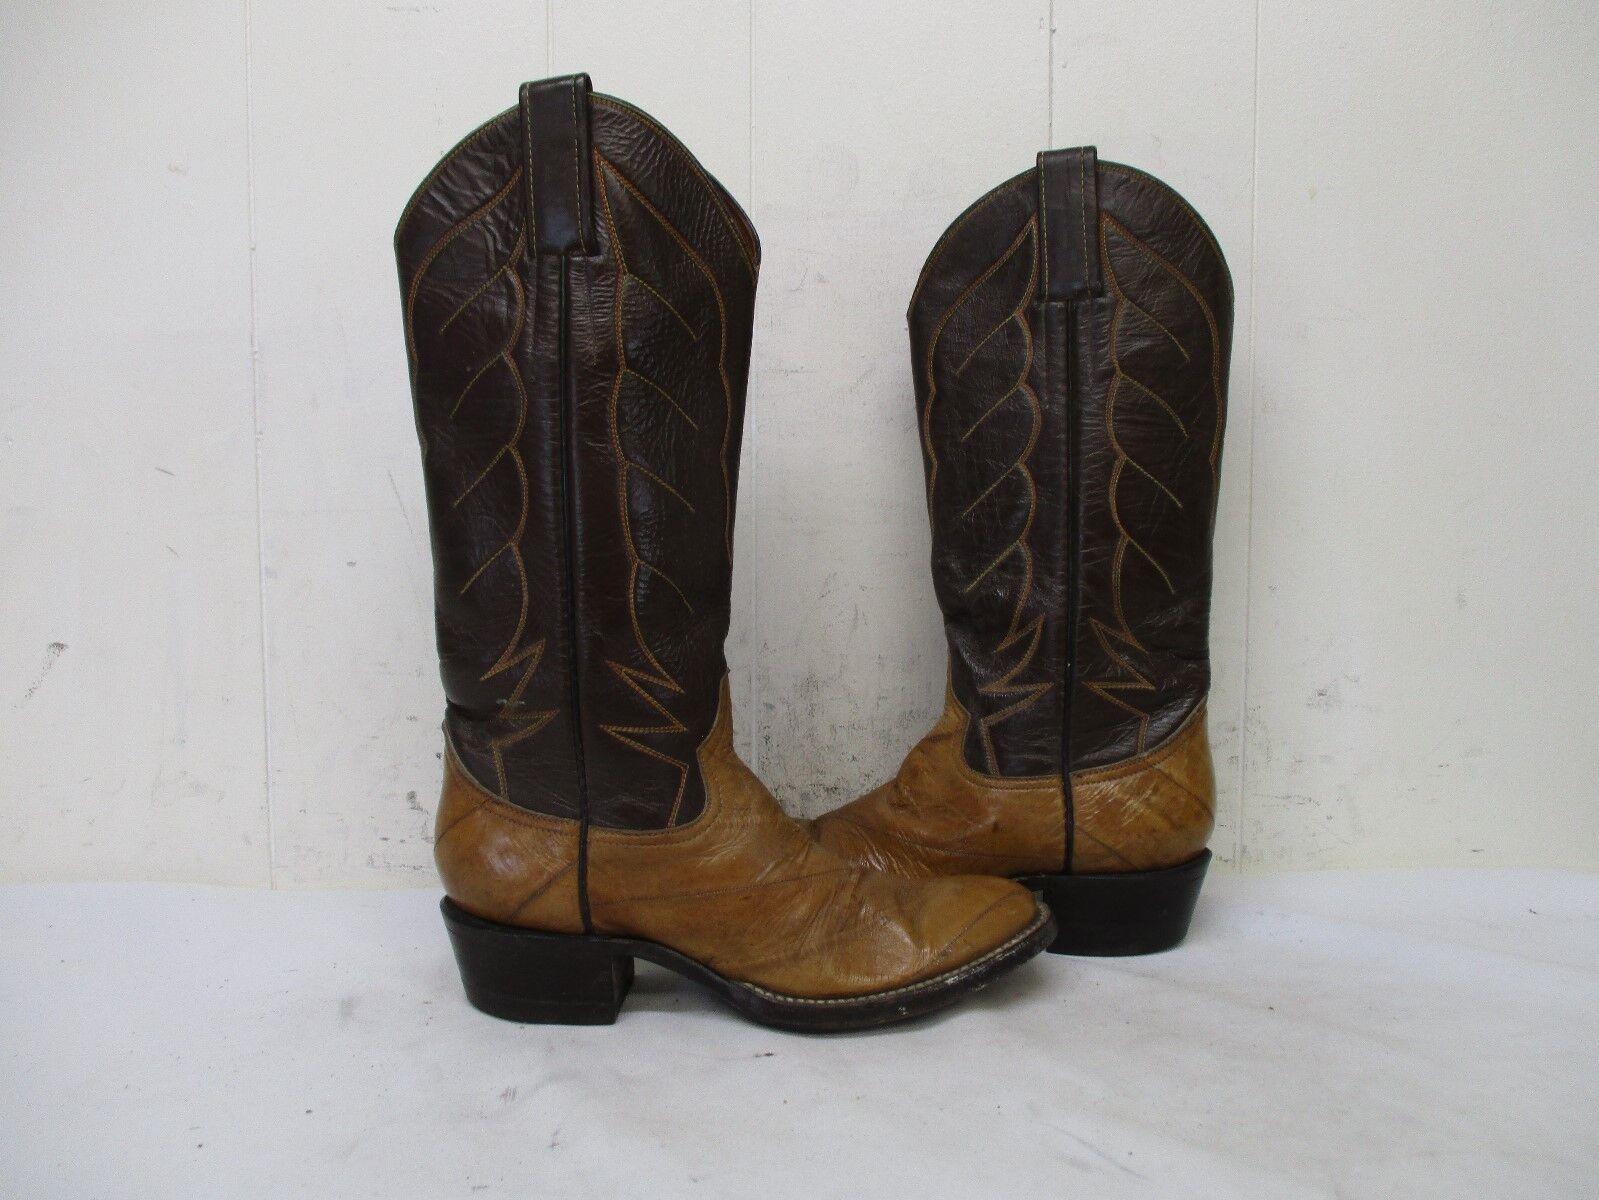 risparmia fino al 50% Renegade Marrone Eel Skin Leather Cowboy stivali donna Dimensione Dimensione Dimensione 5 B Style 4063US  all'ingrosso a buon mercato